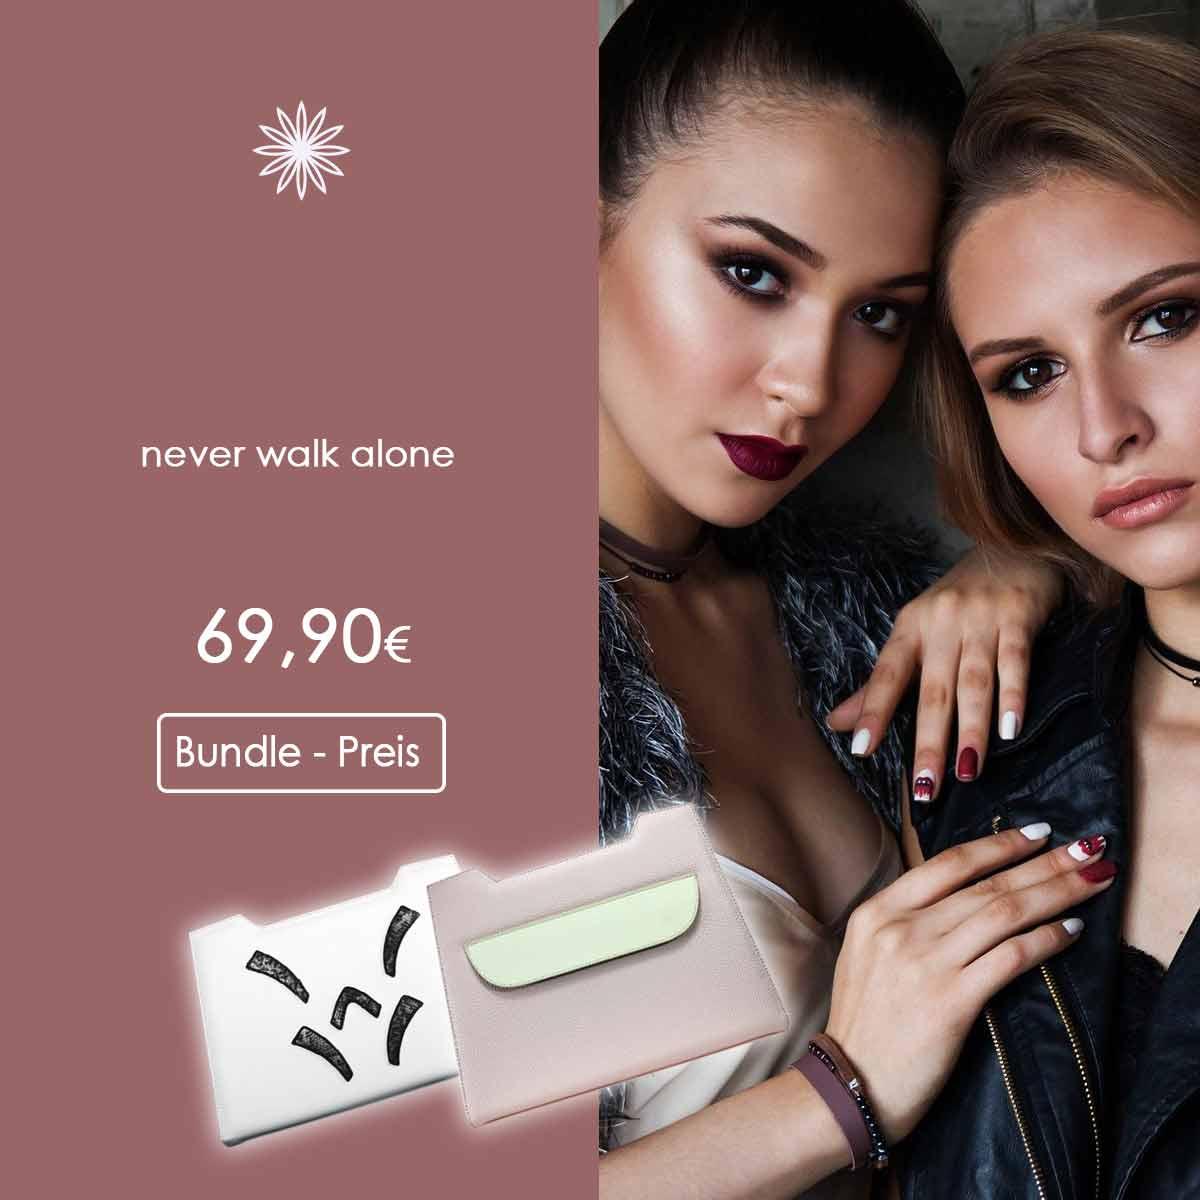 Design Bundle elegance Juni